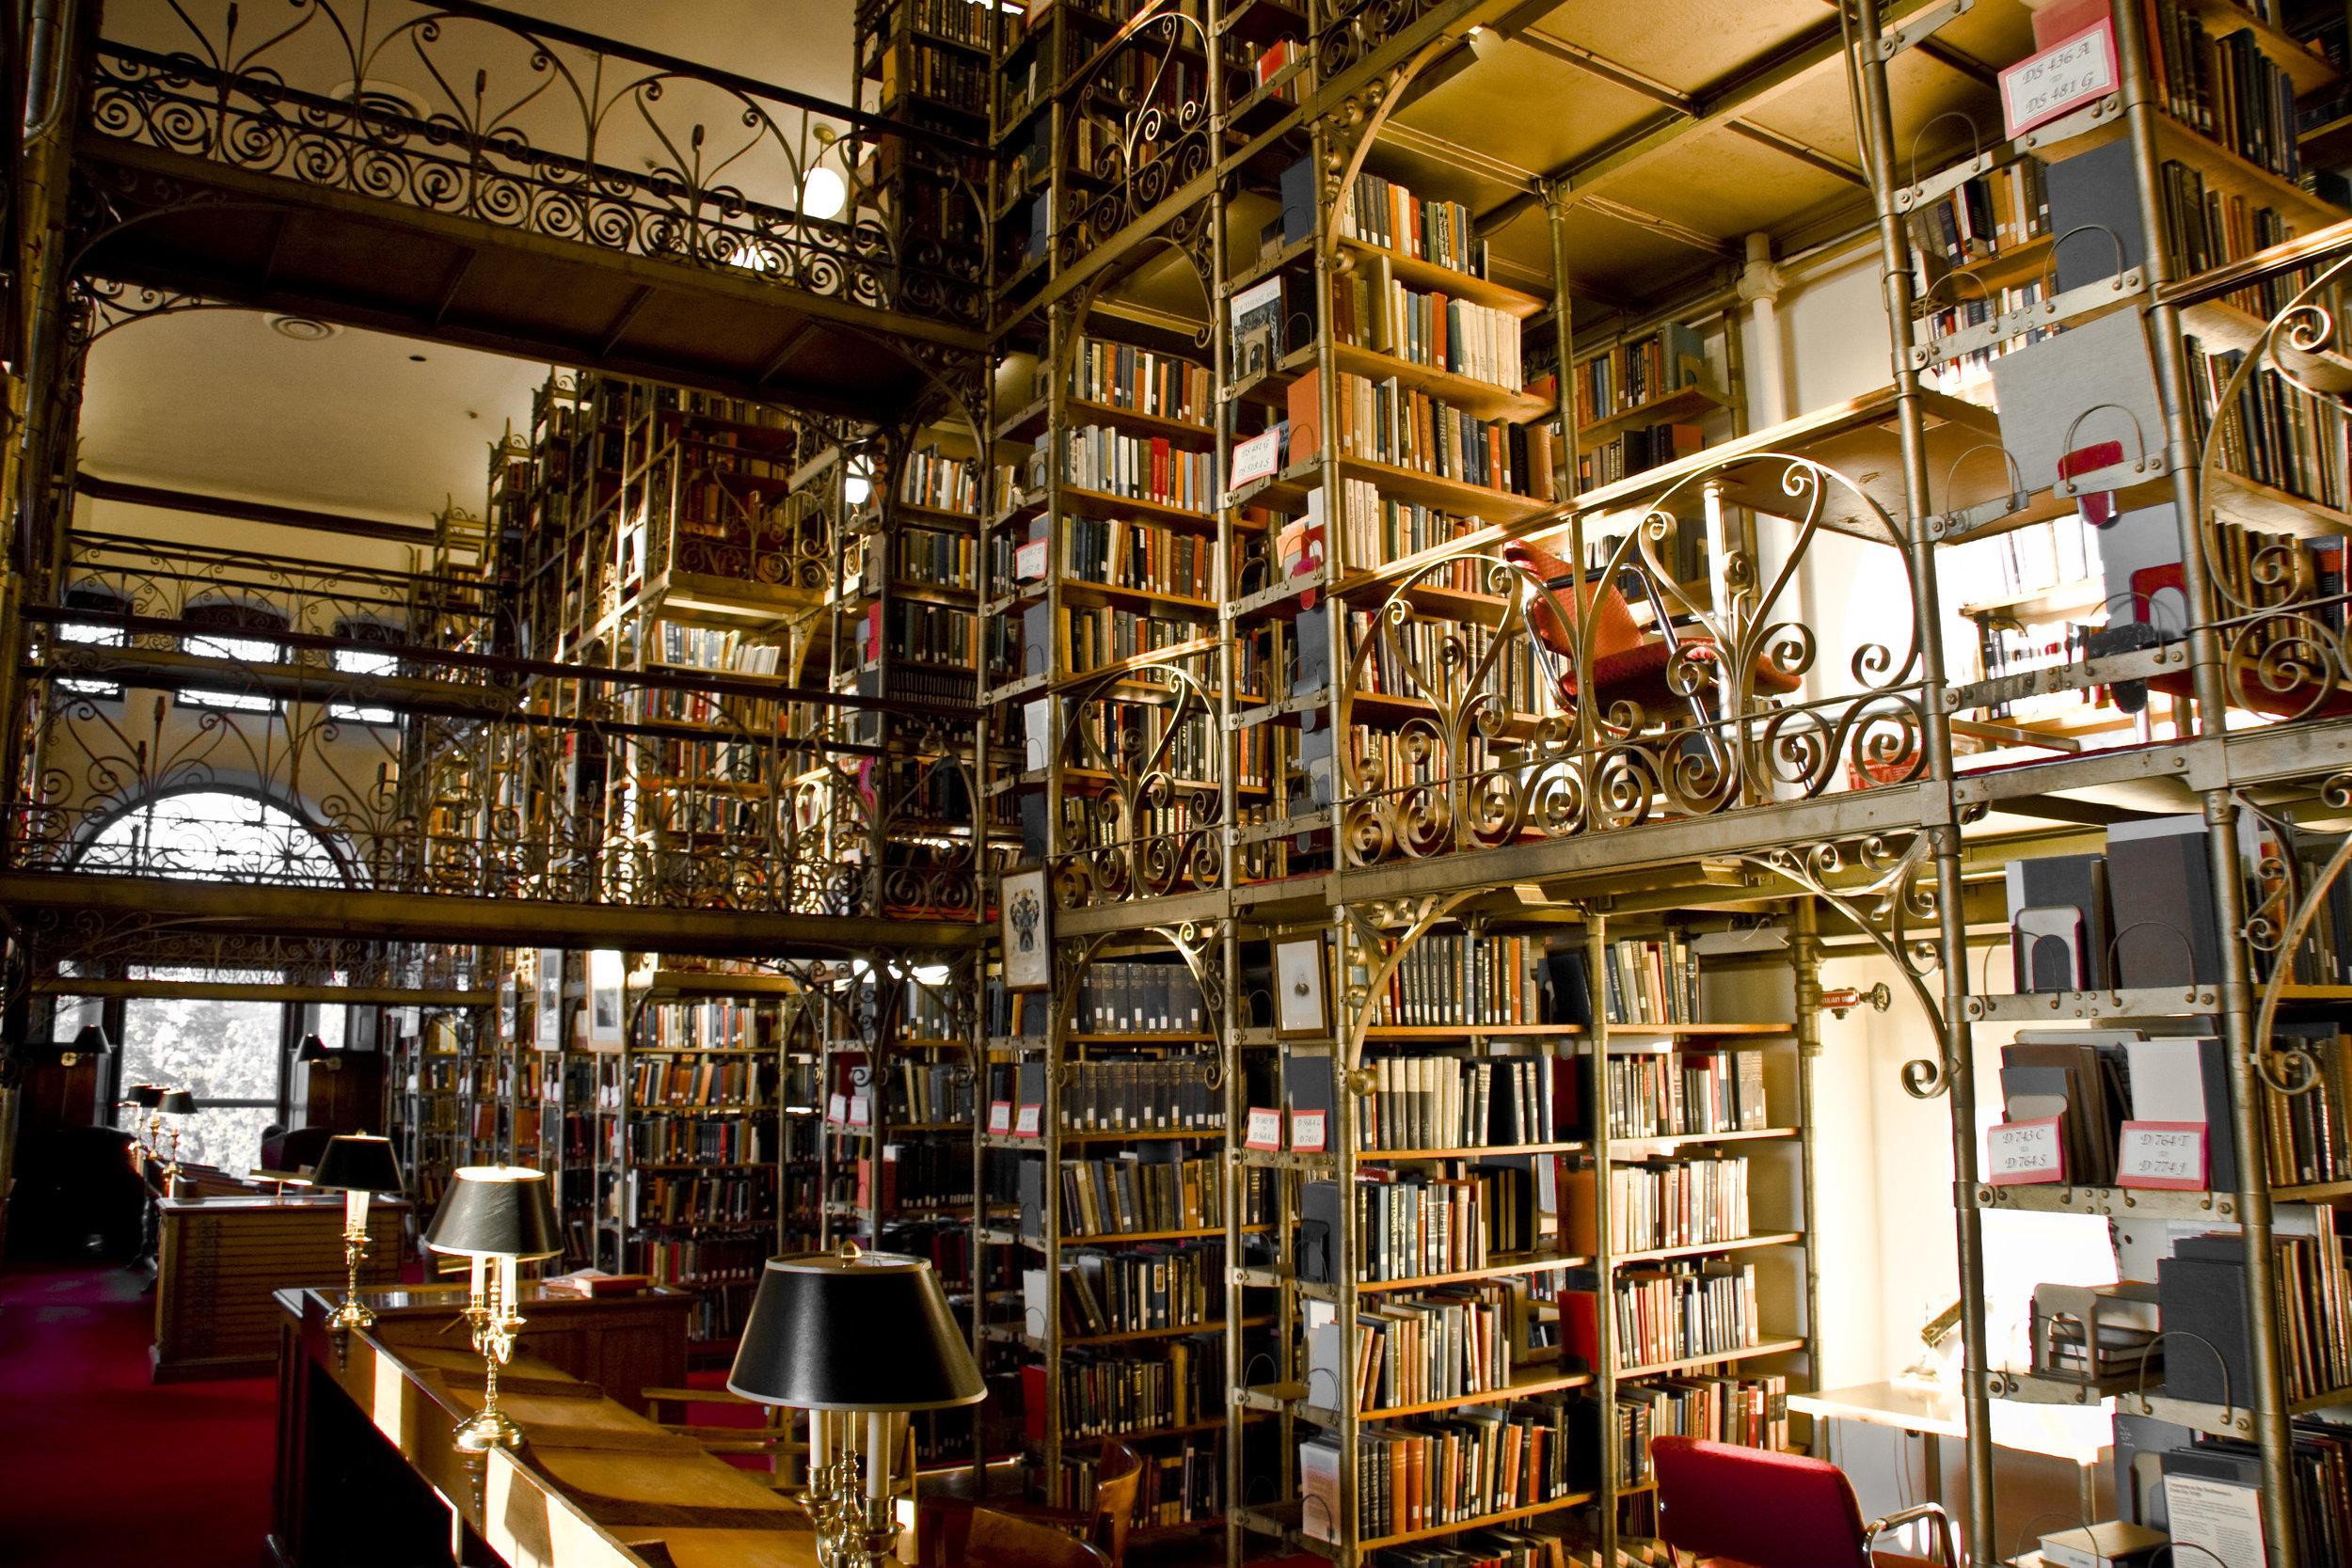 Cornell library books amazing beautiful